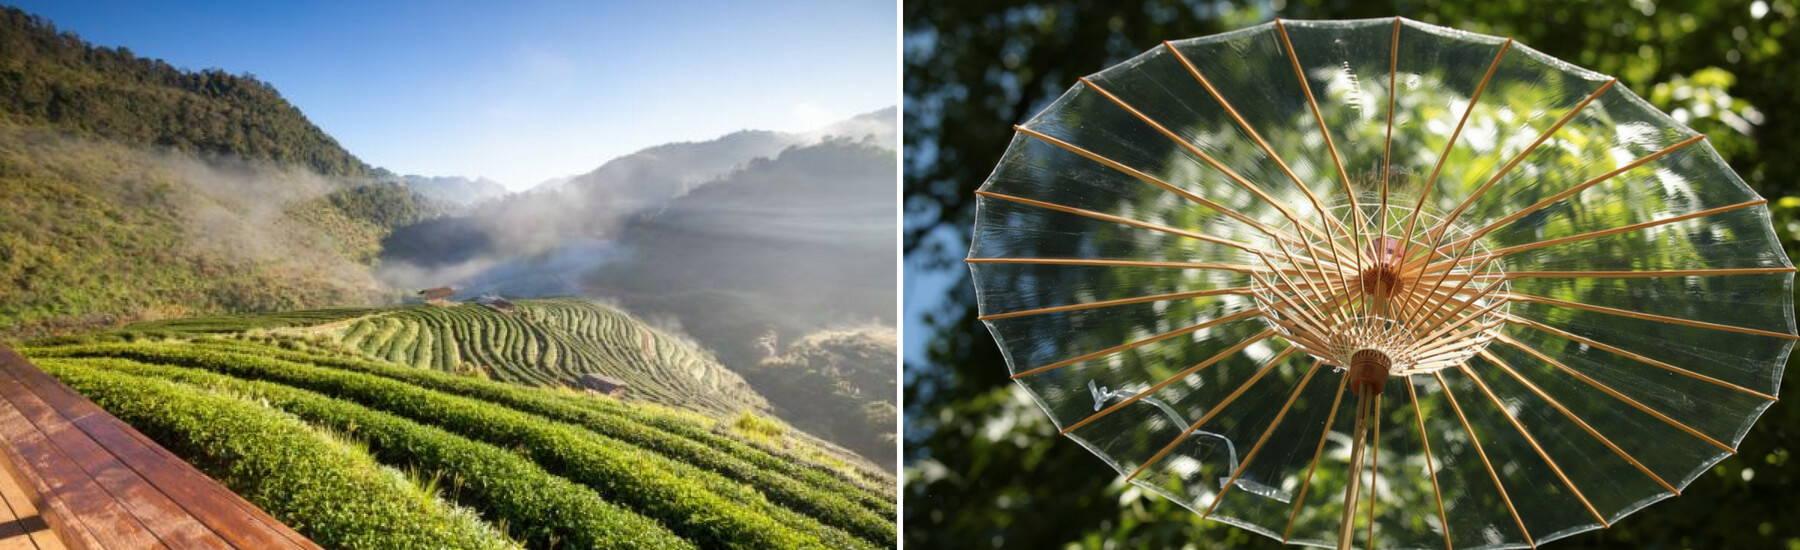 BRELLI, the perfect luxury eco-umbrella, @ Ecoture